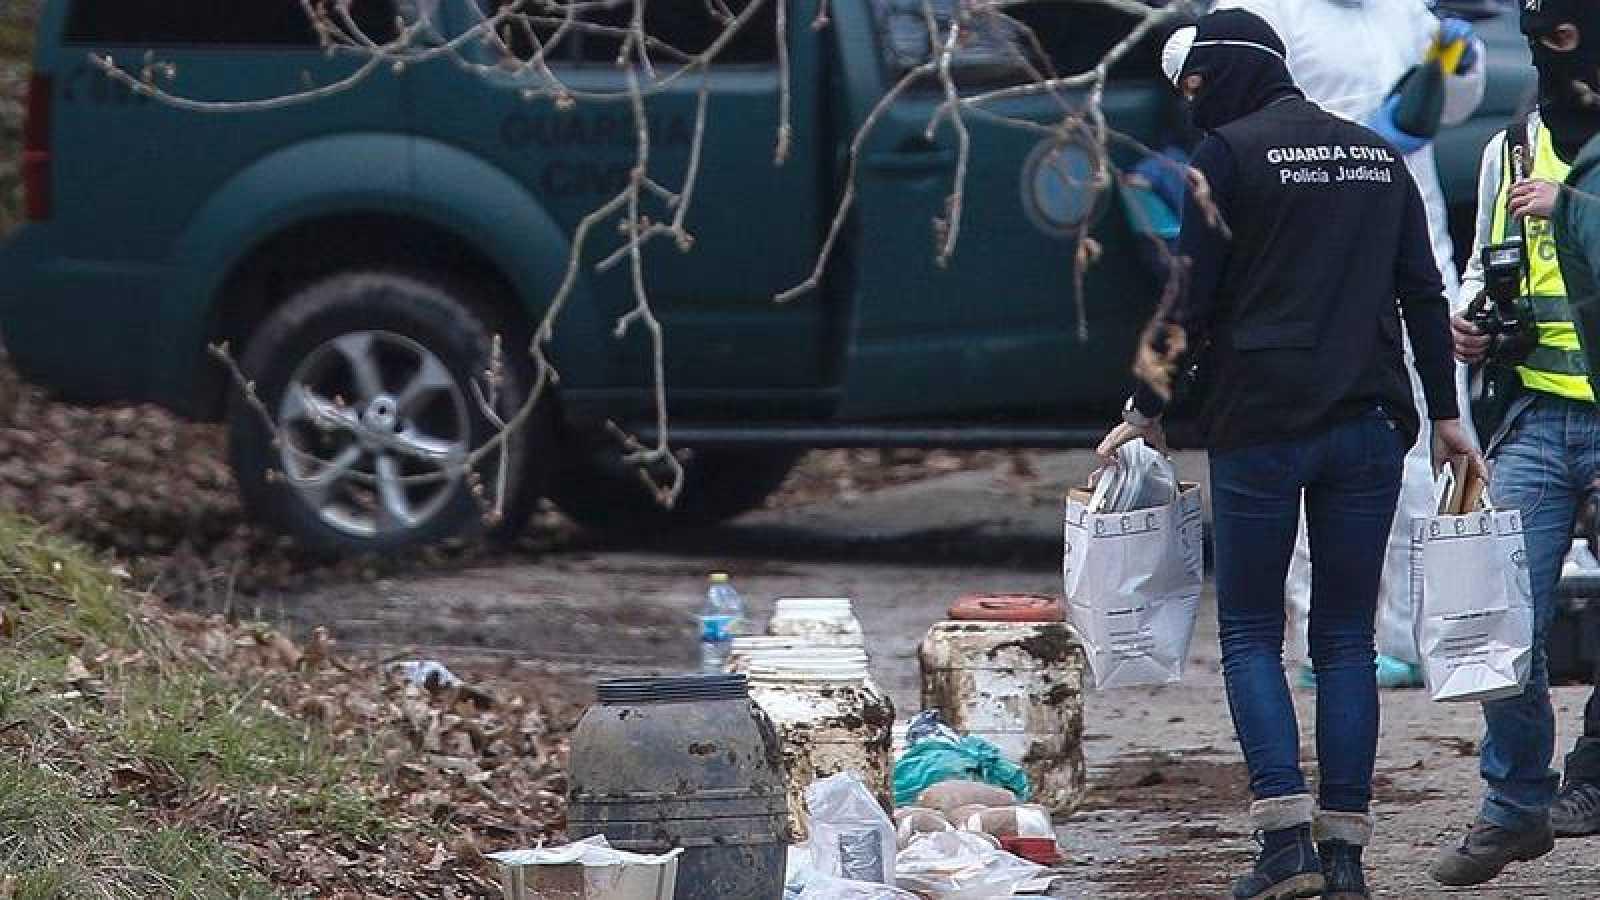 El 8 de marzo la Guardia Civil localizó un zulo de ETA con material explosivo